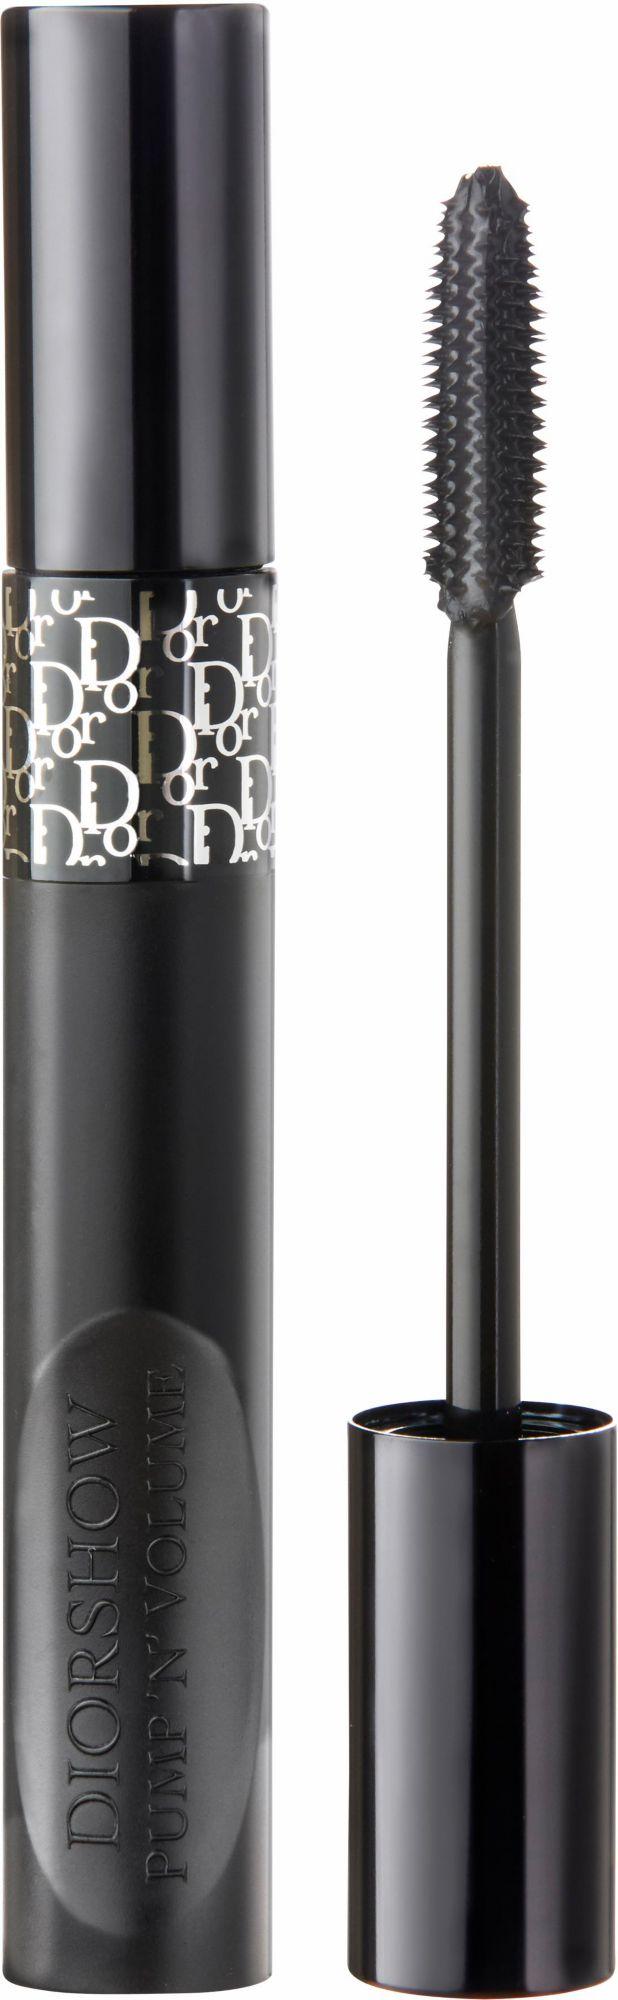 DIOR Dior, »Diorshow Pump'N'Volume«, Mascara